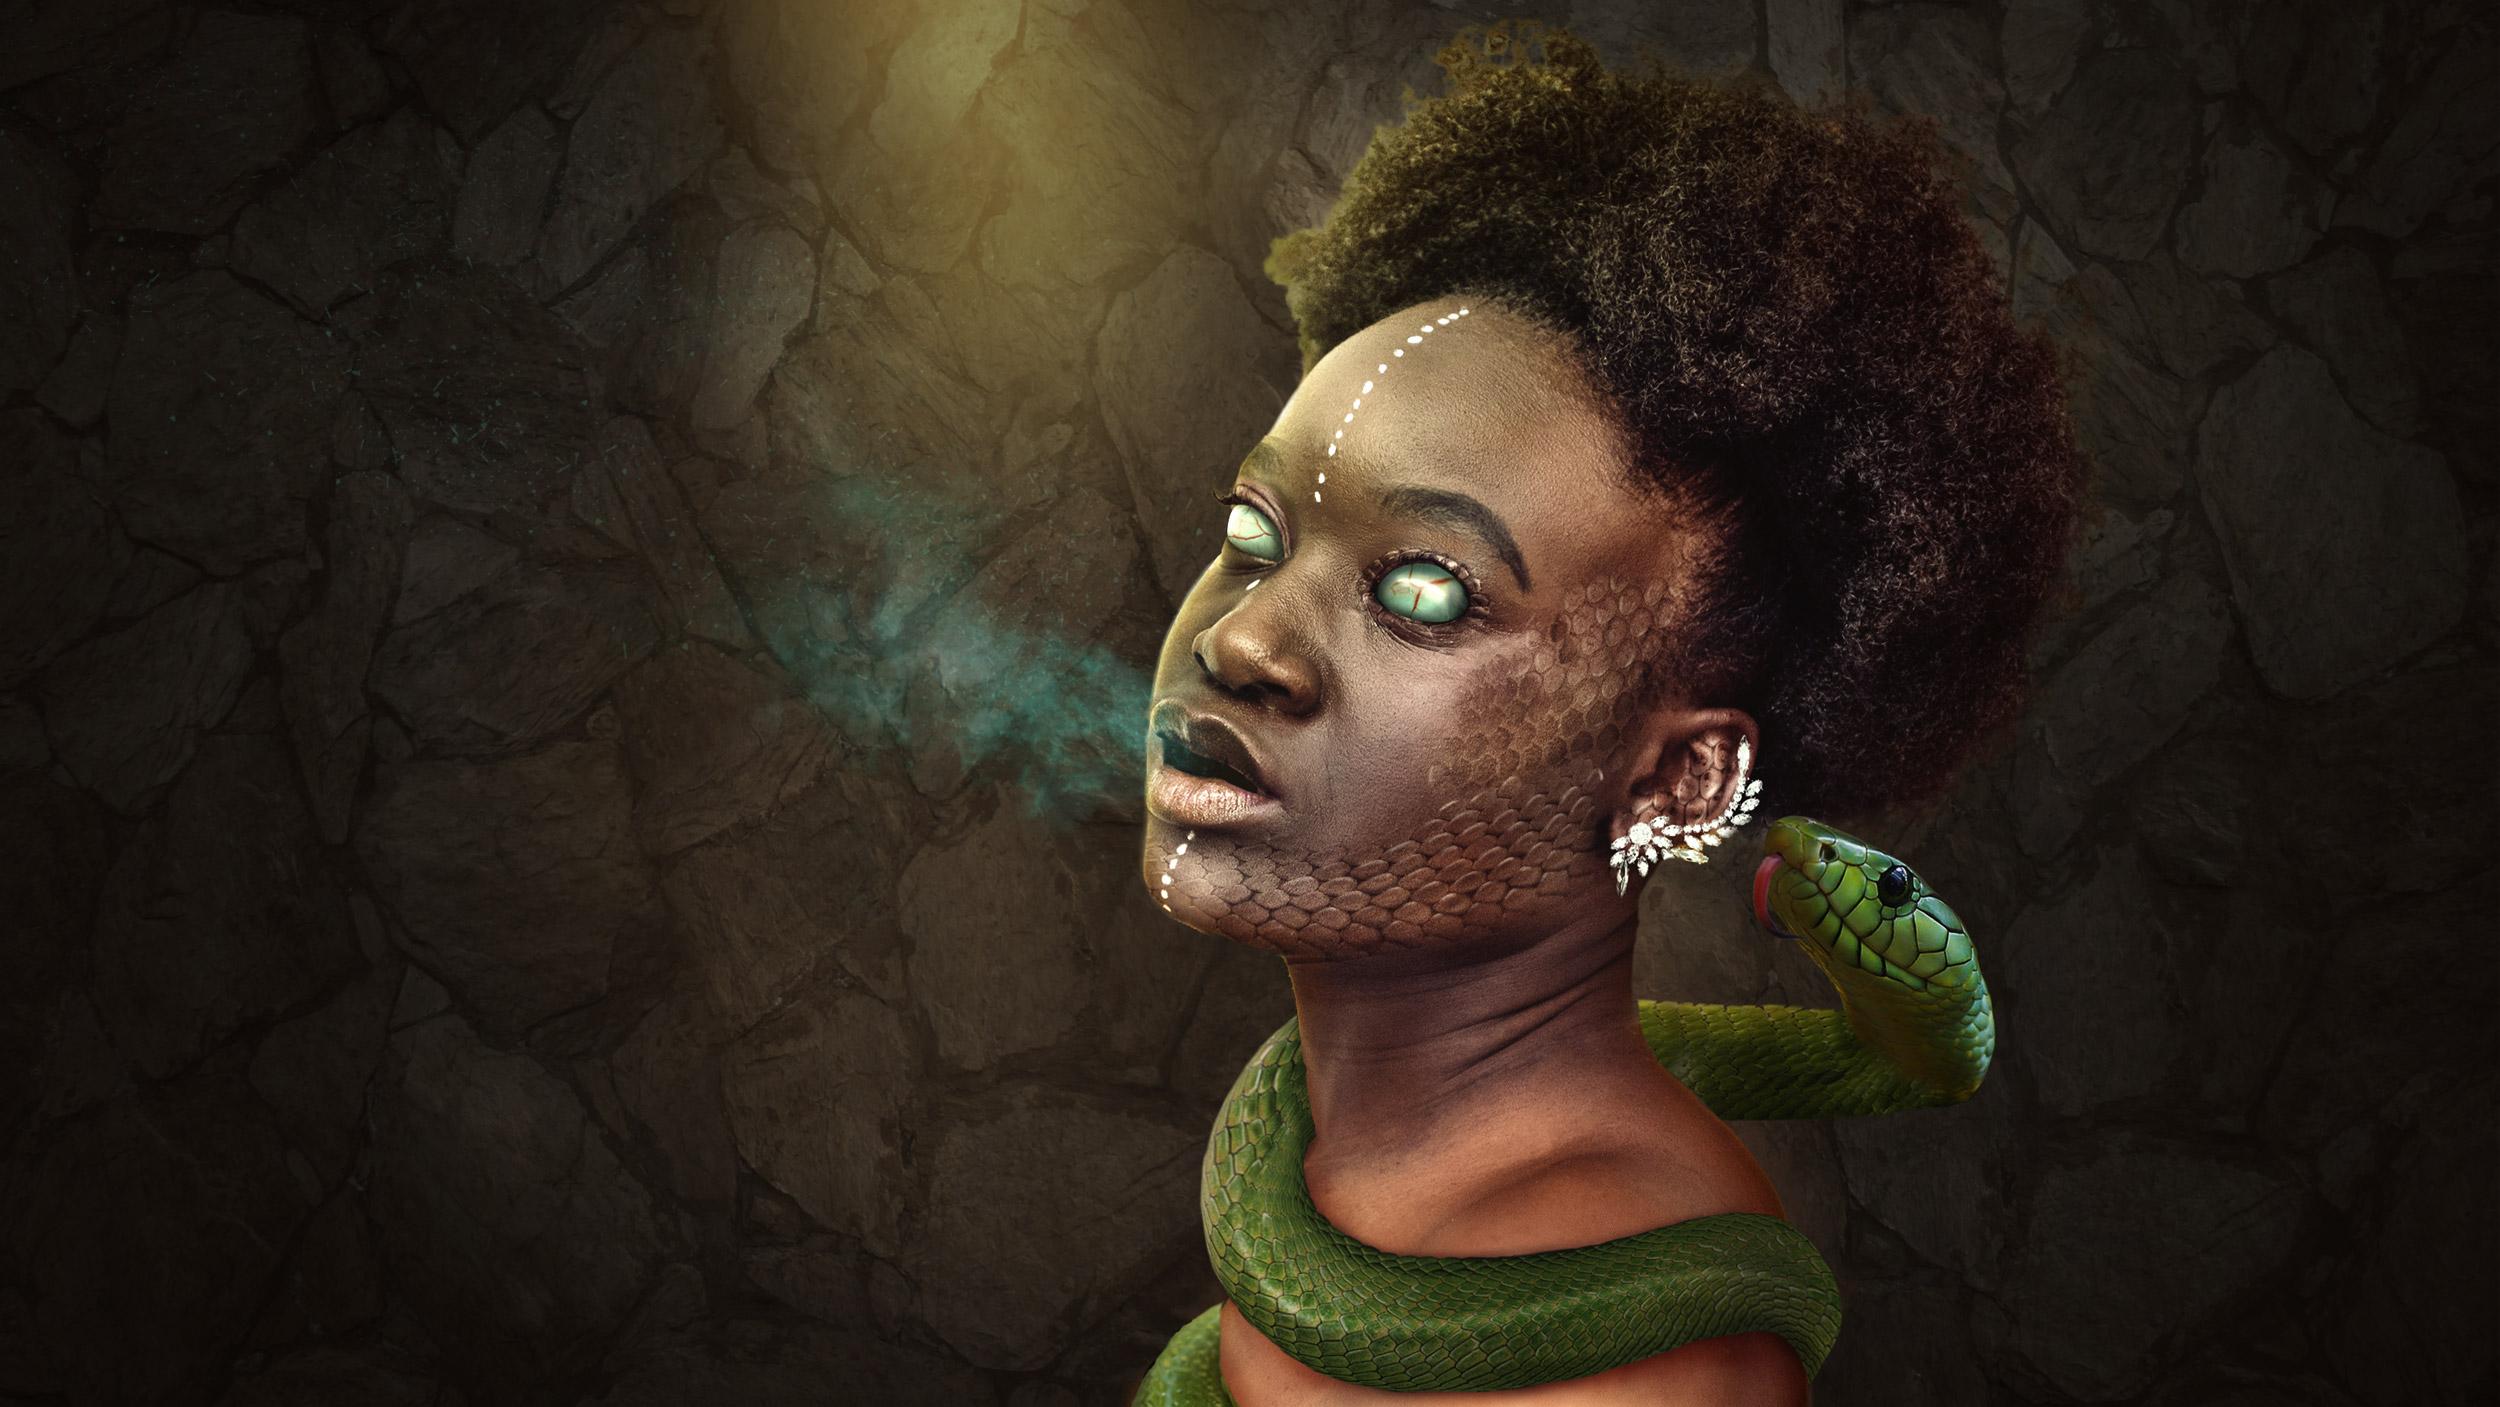 Snake possession